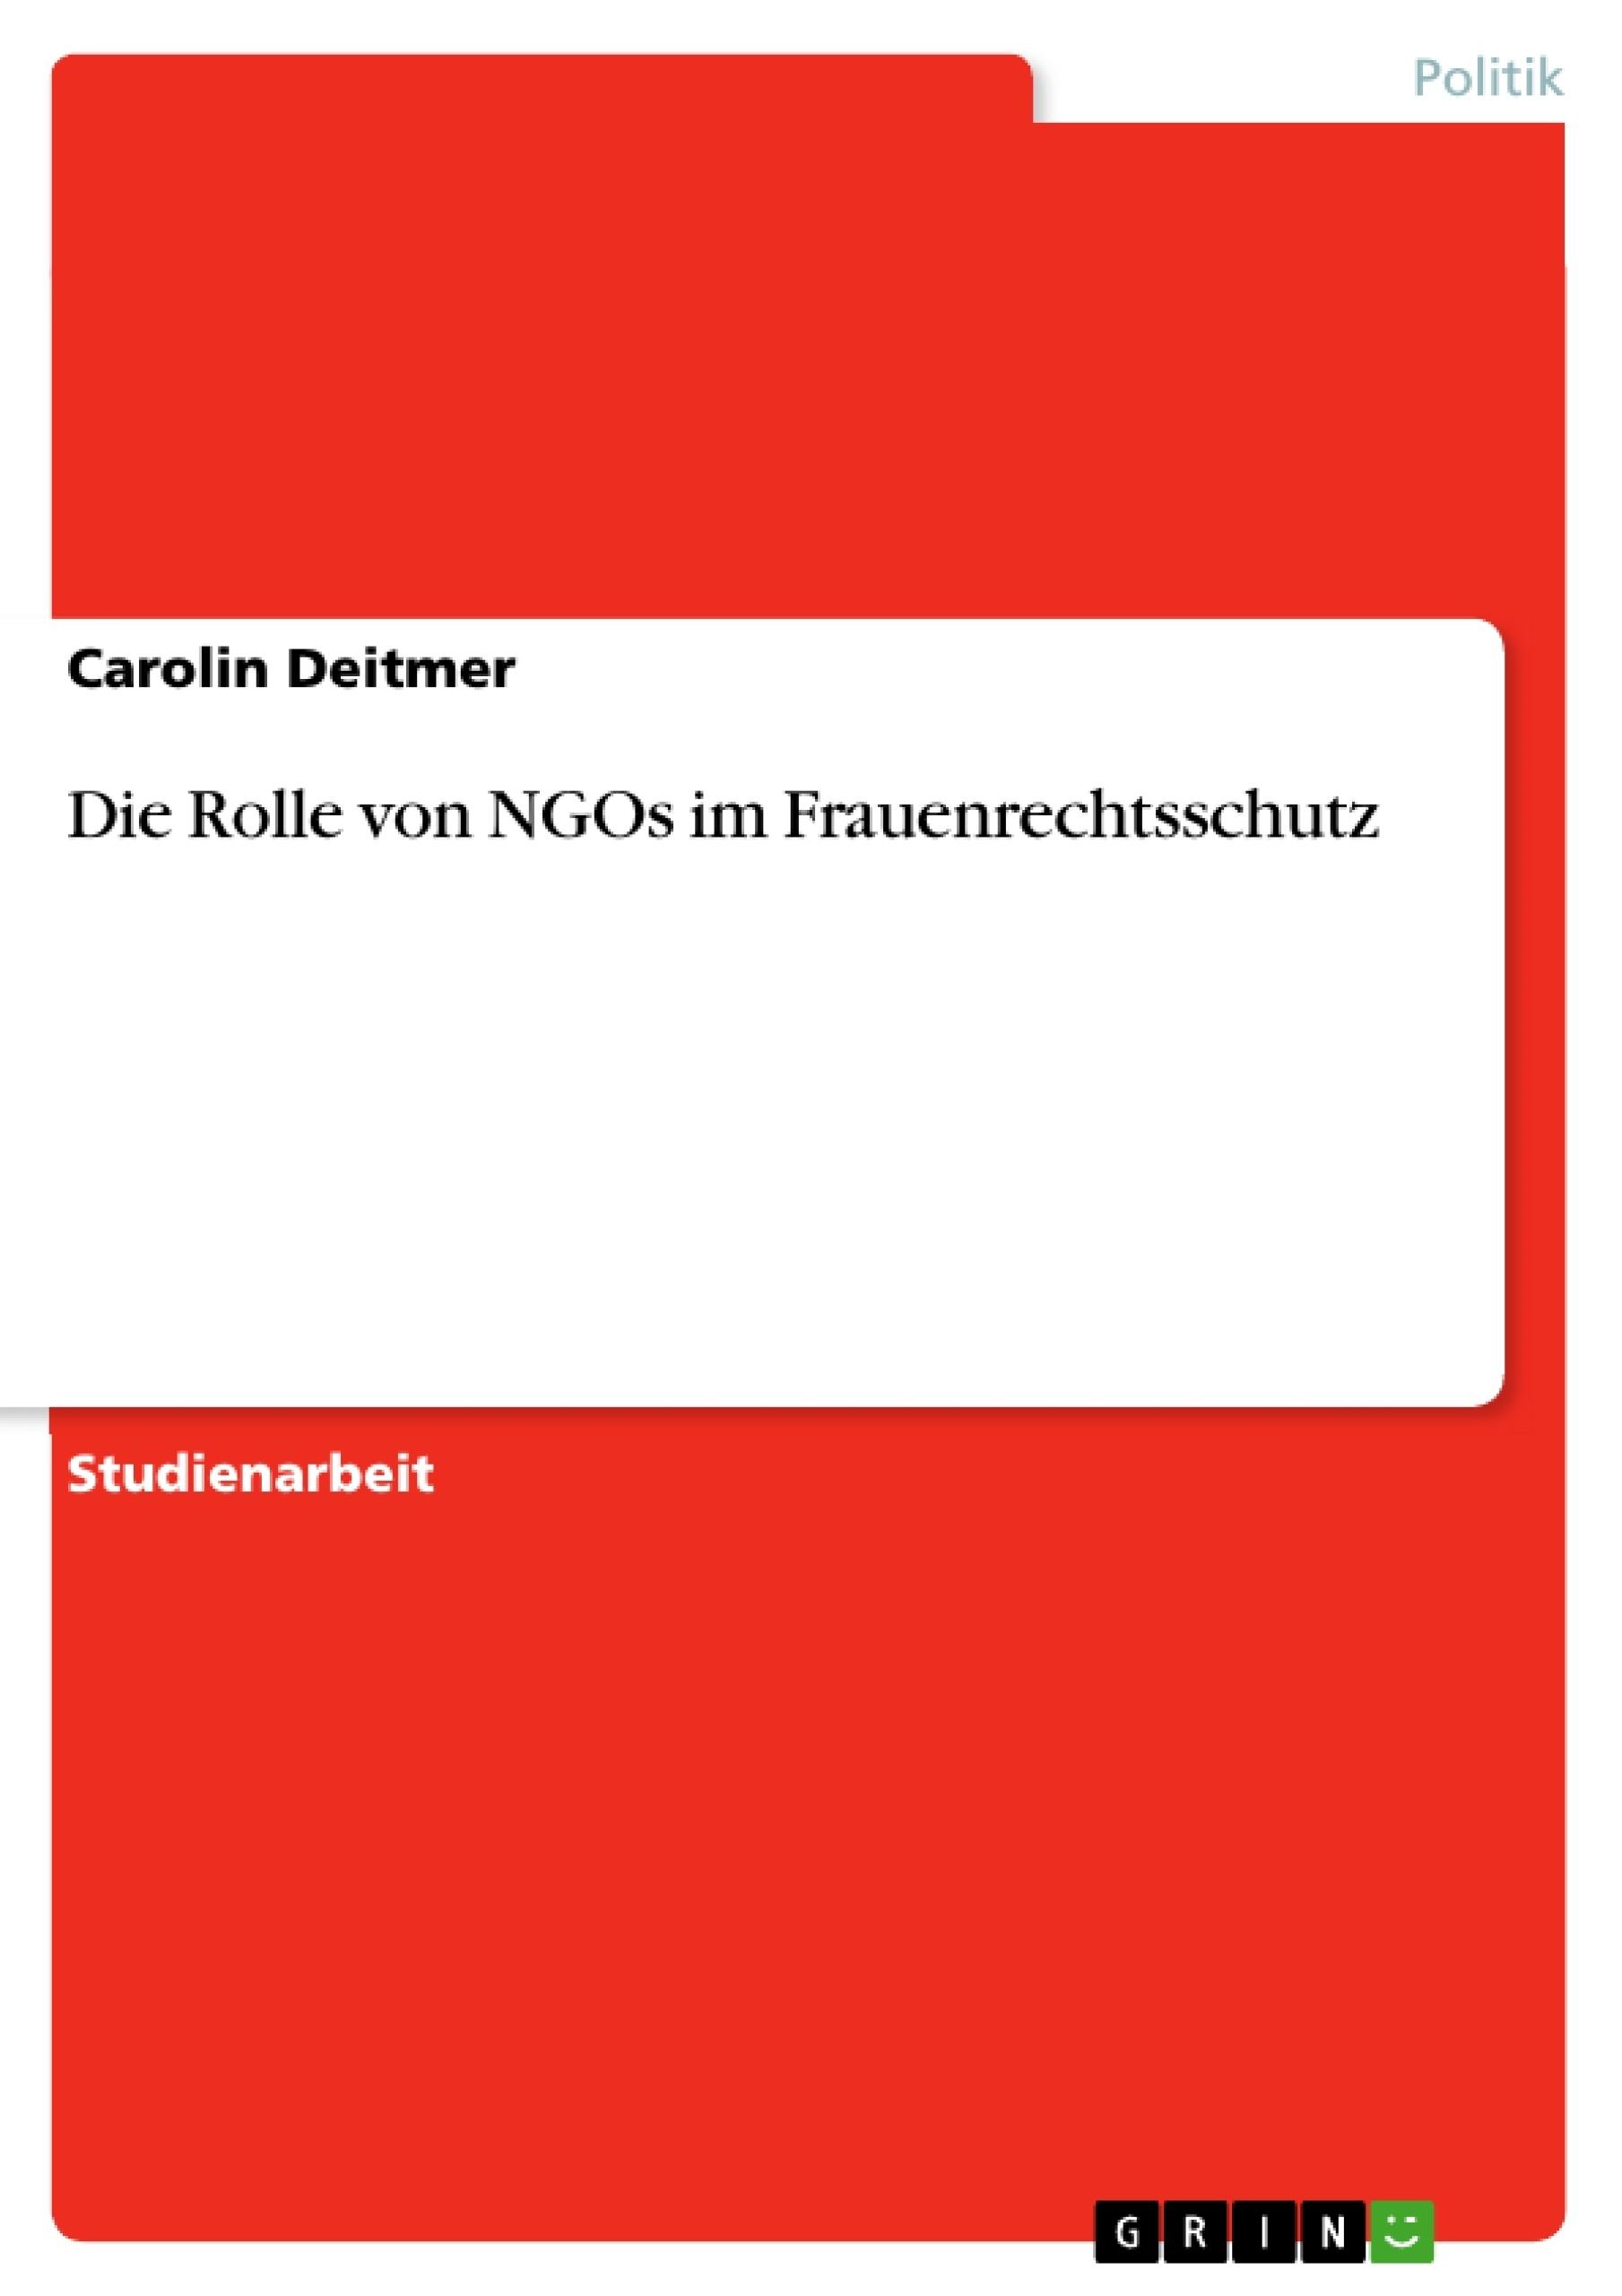 Titel: Die Rolle von NGOs im Frauenrechtsschutz